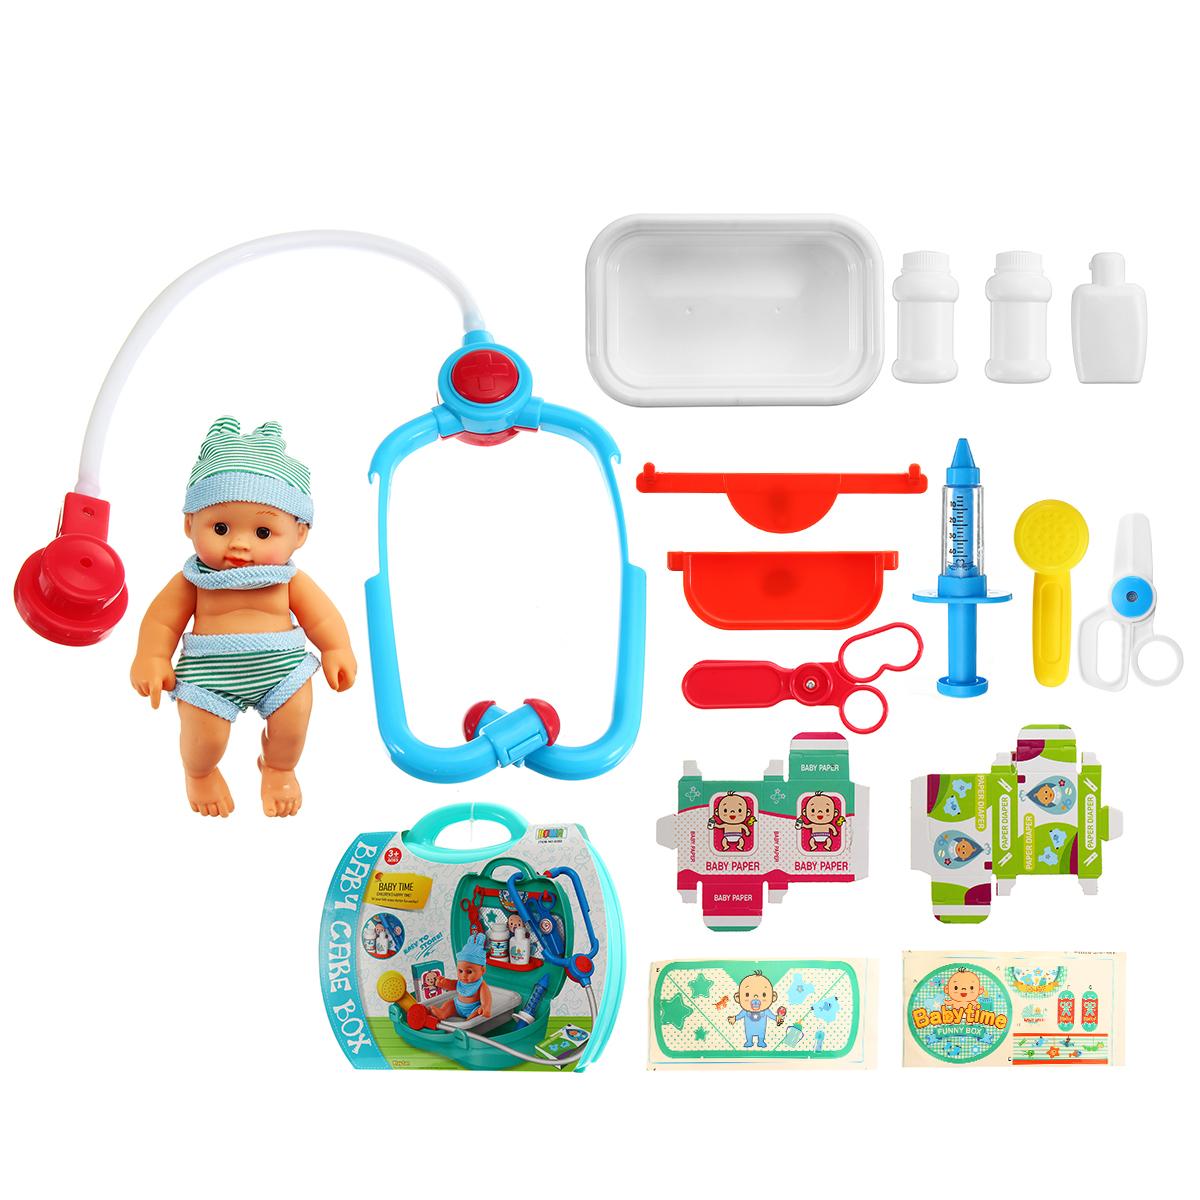 Дети Медицинская Стетоскоп Доктор Притвориться Ролевая игра Игрушка Медсестра дом Играть Набор Развивающие игрушки